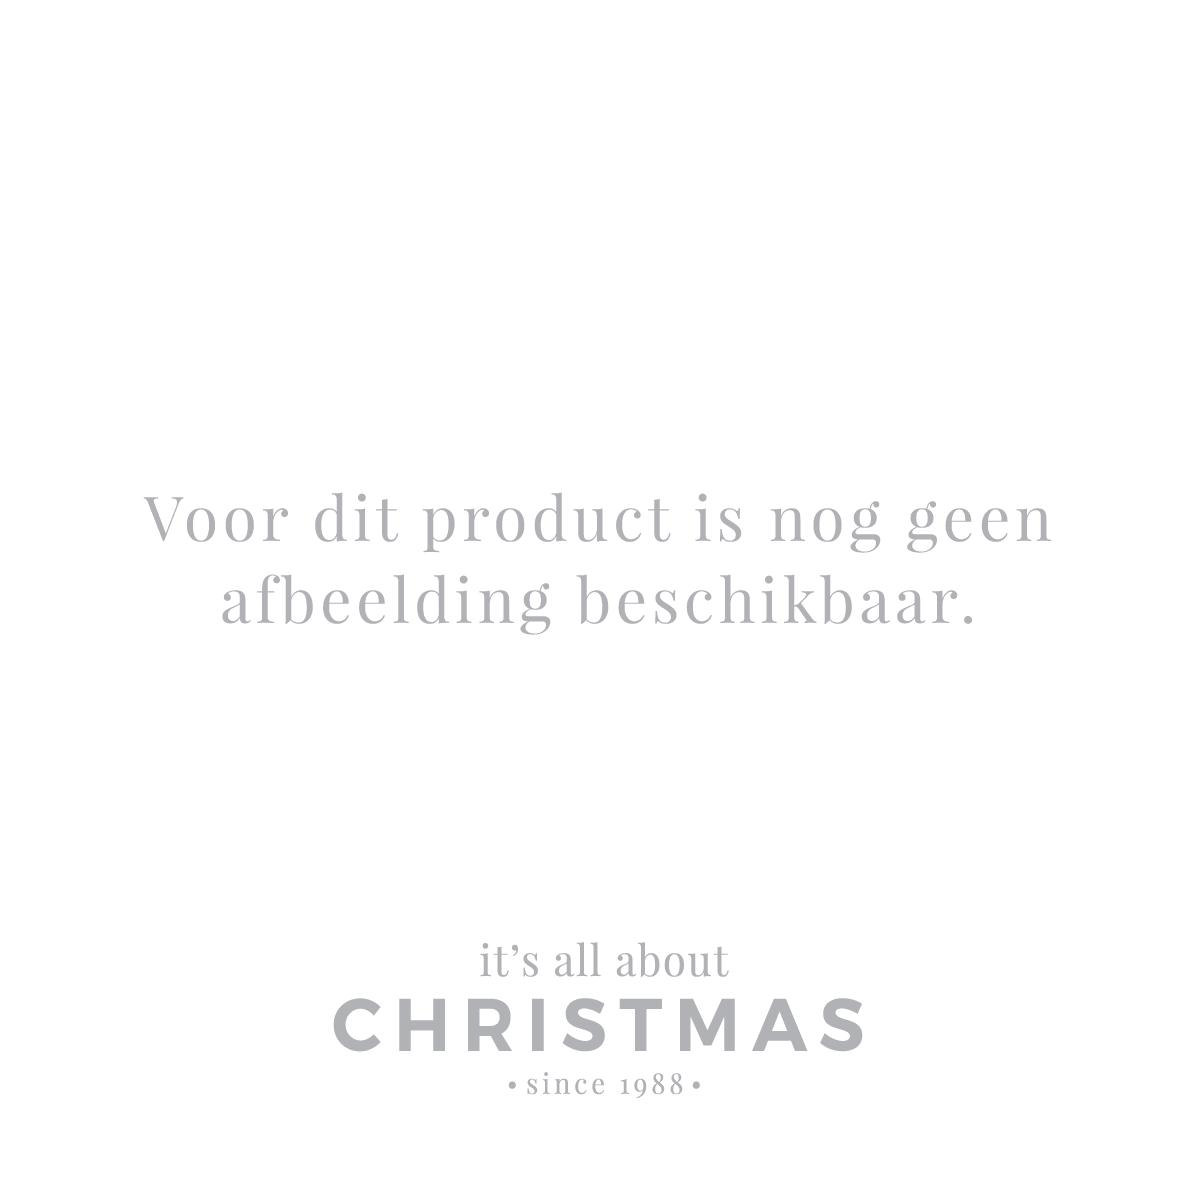 Moderne Christbaumkugeln.Bauble Christmas Tree Decorations Christmas Decorations Com